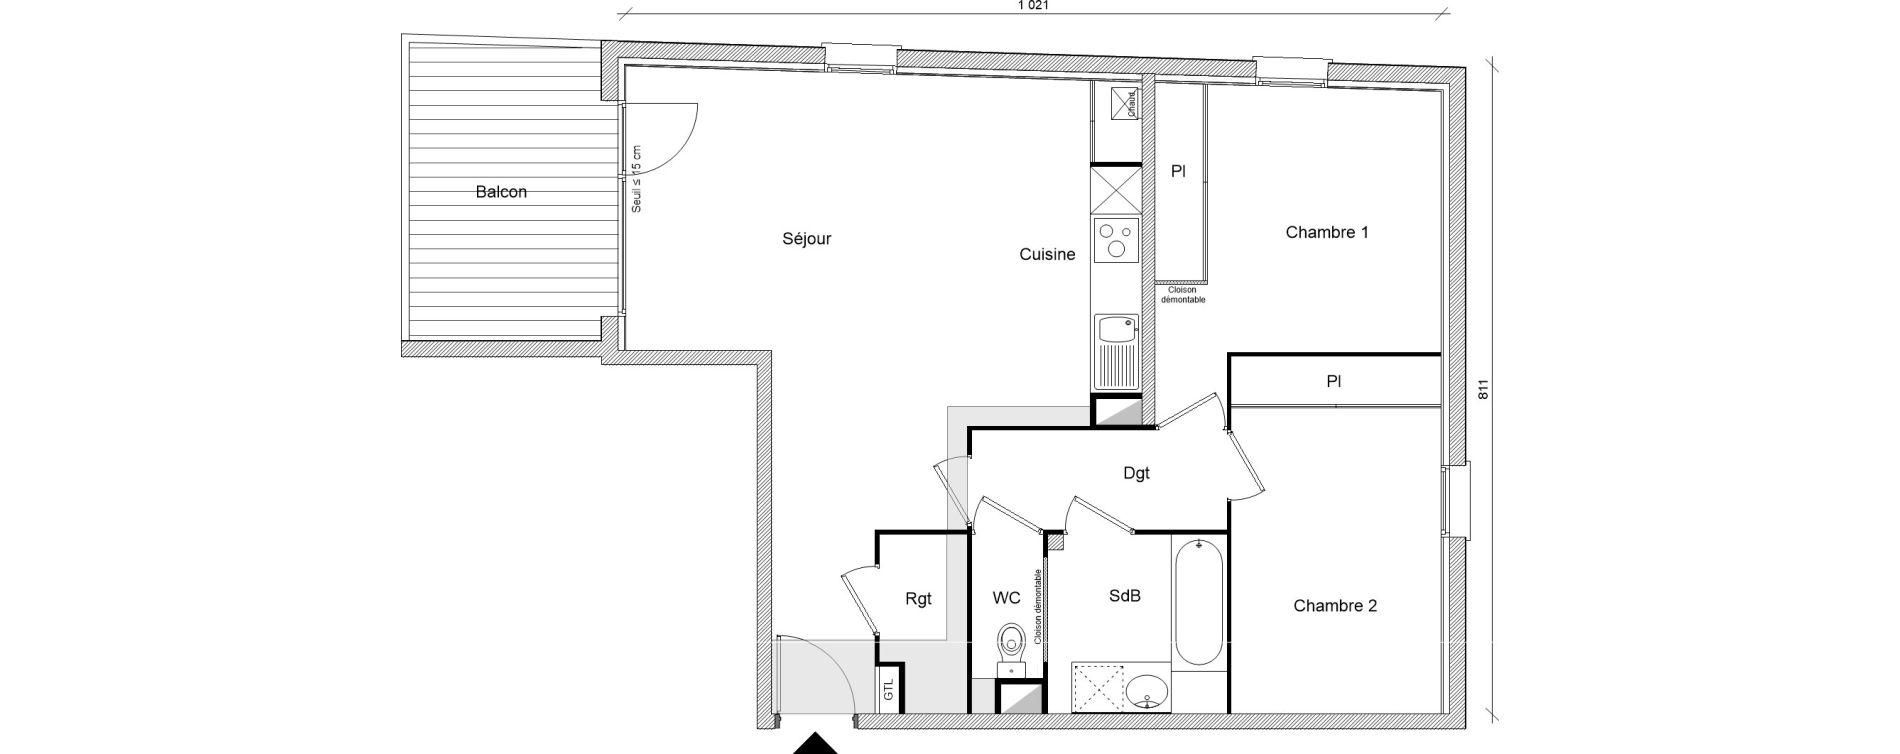 Appartement T3 de 70,24 m2 à Montrabé Centre